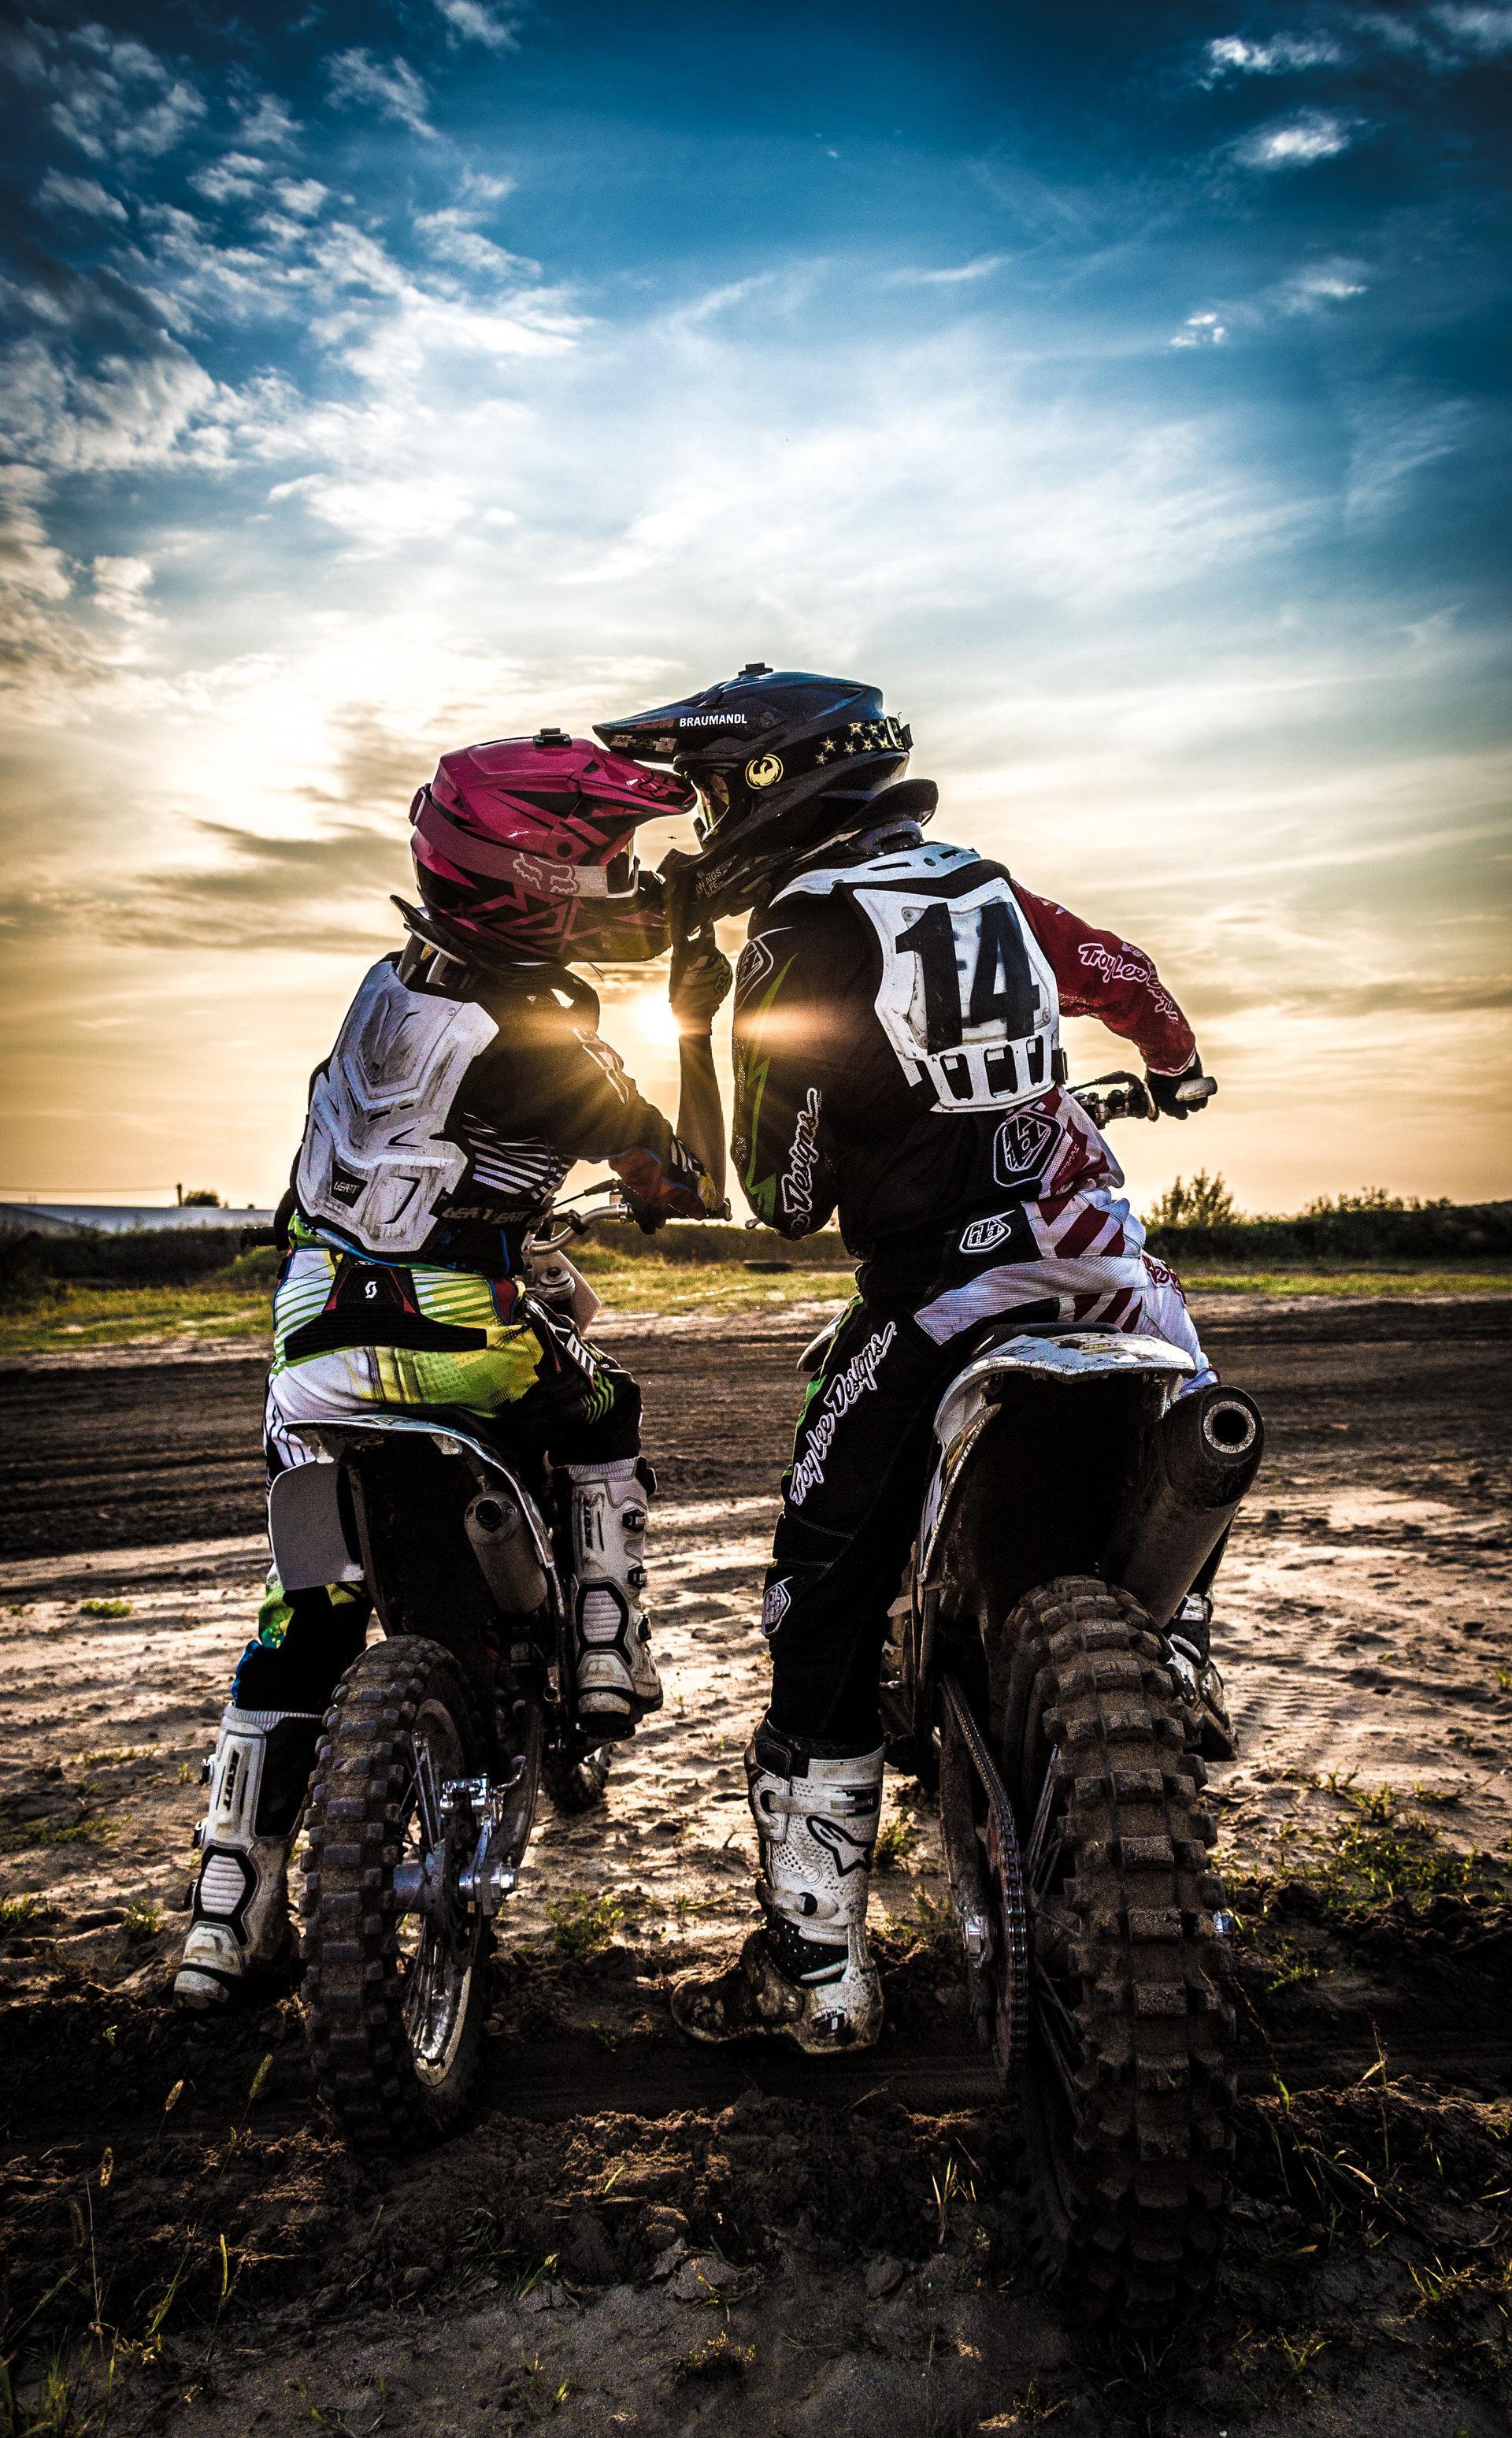 عکس زمینه عاشقانه موتور سیکلت پس زمینه